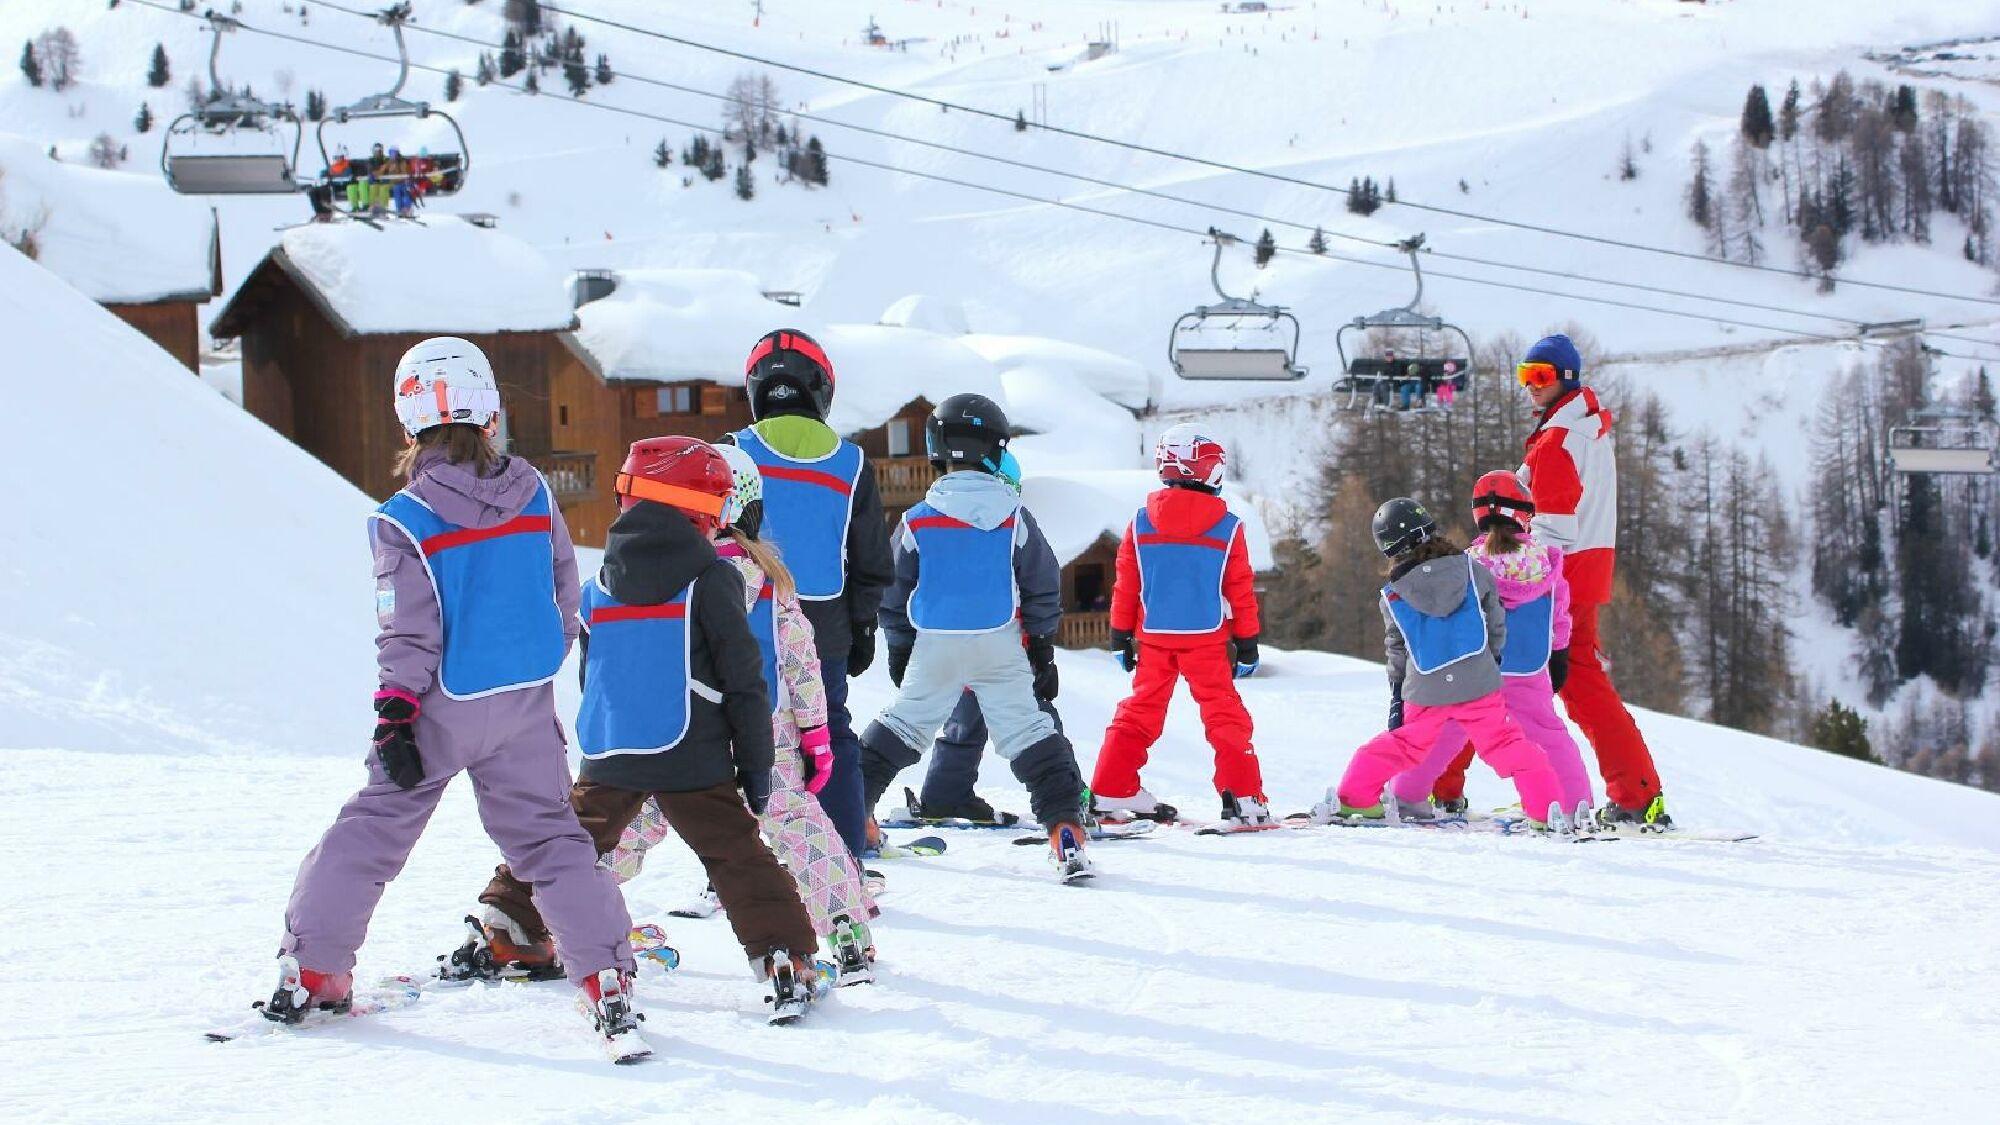 In einem Skikurs lernen Anfänger unter professioneller Aufsicht das Skifahren